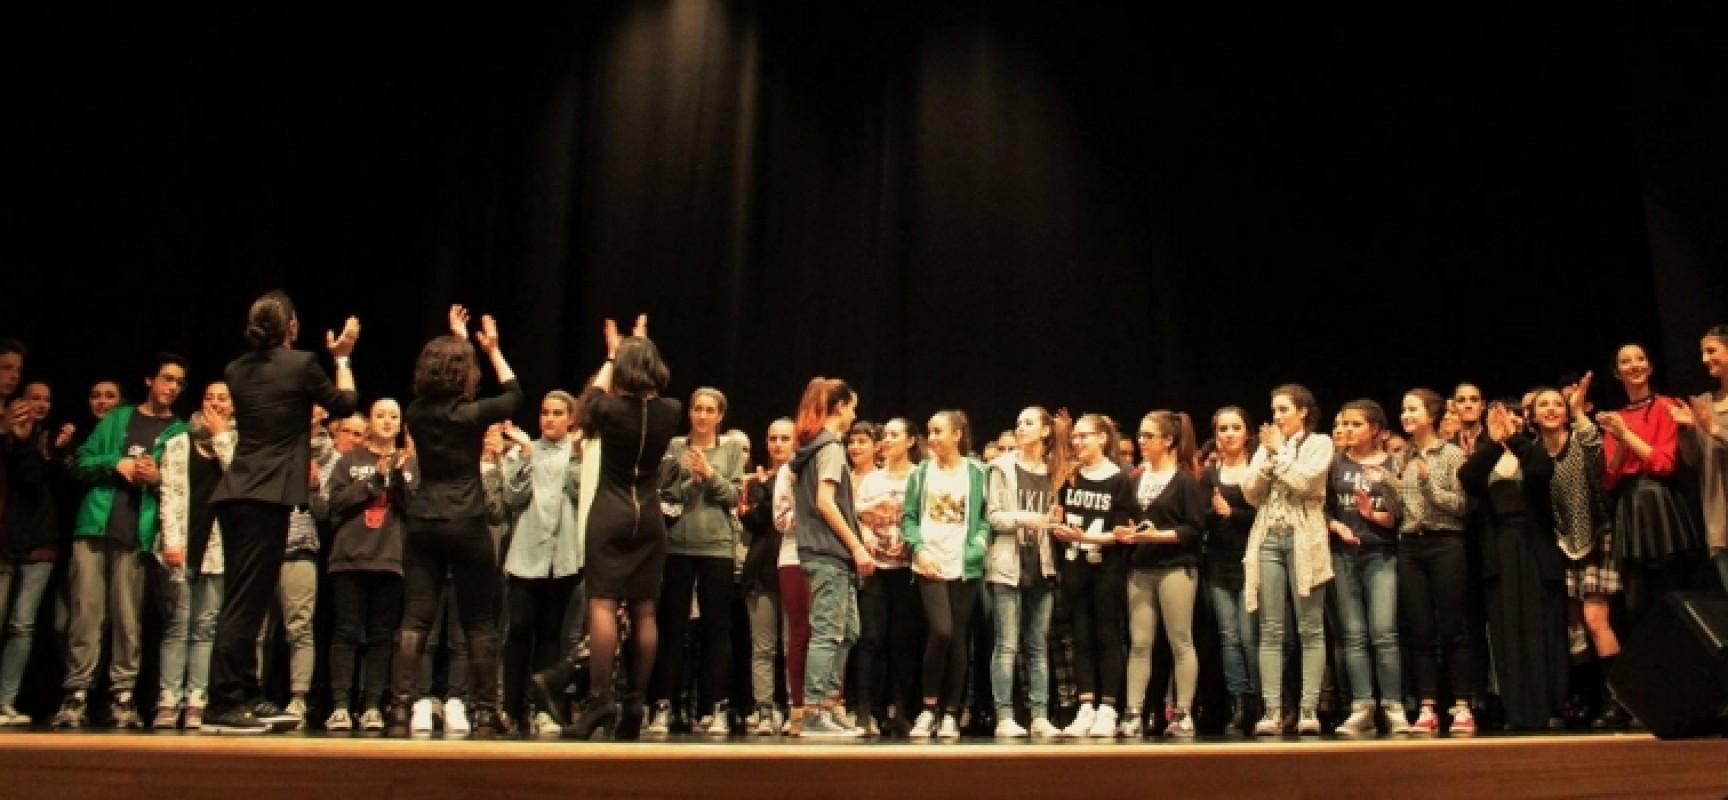 Etra, al via la seconda edizione della rassegna di danza contemporanea a Teatro Garibaldi